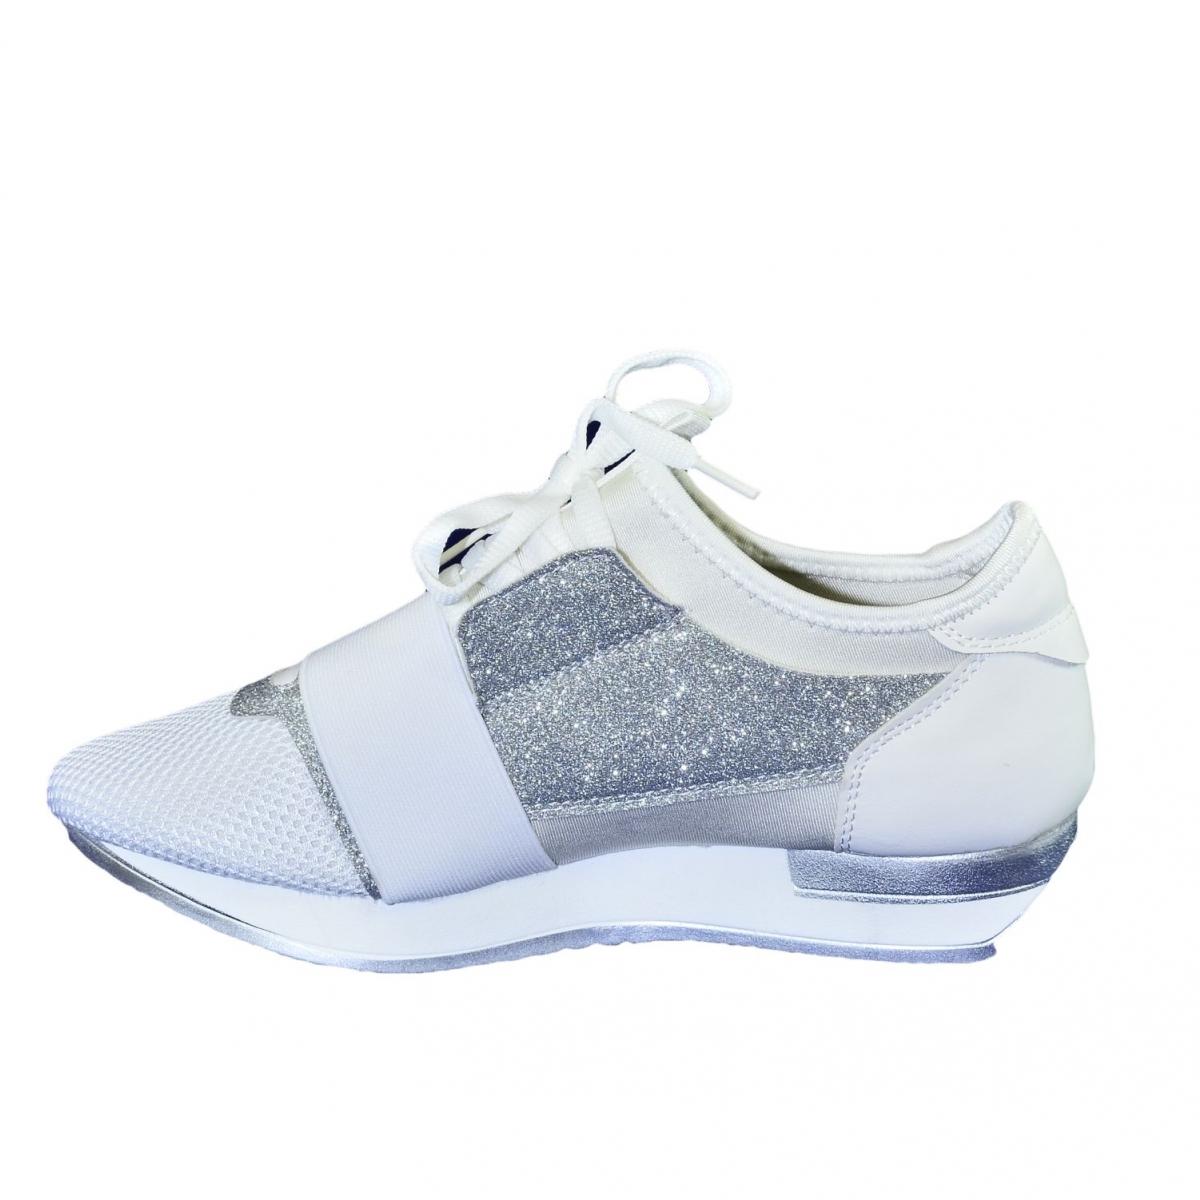 c78b832499a6 Dámske bielo-strieborné botasky BRIEN - 6